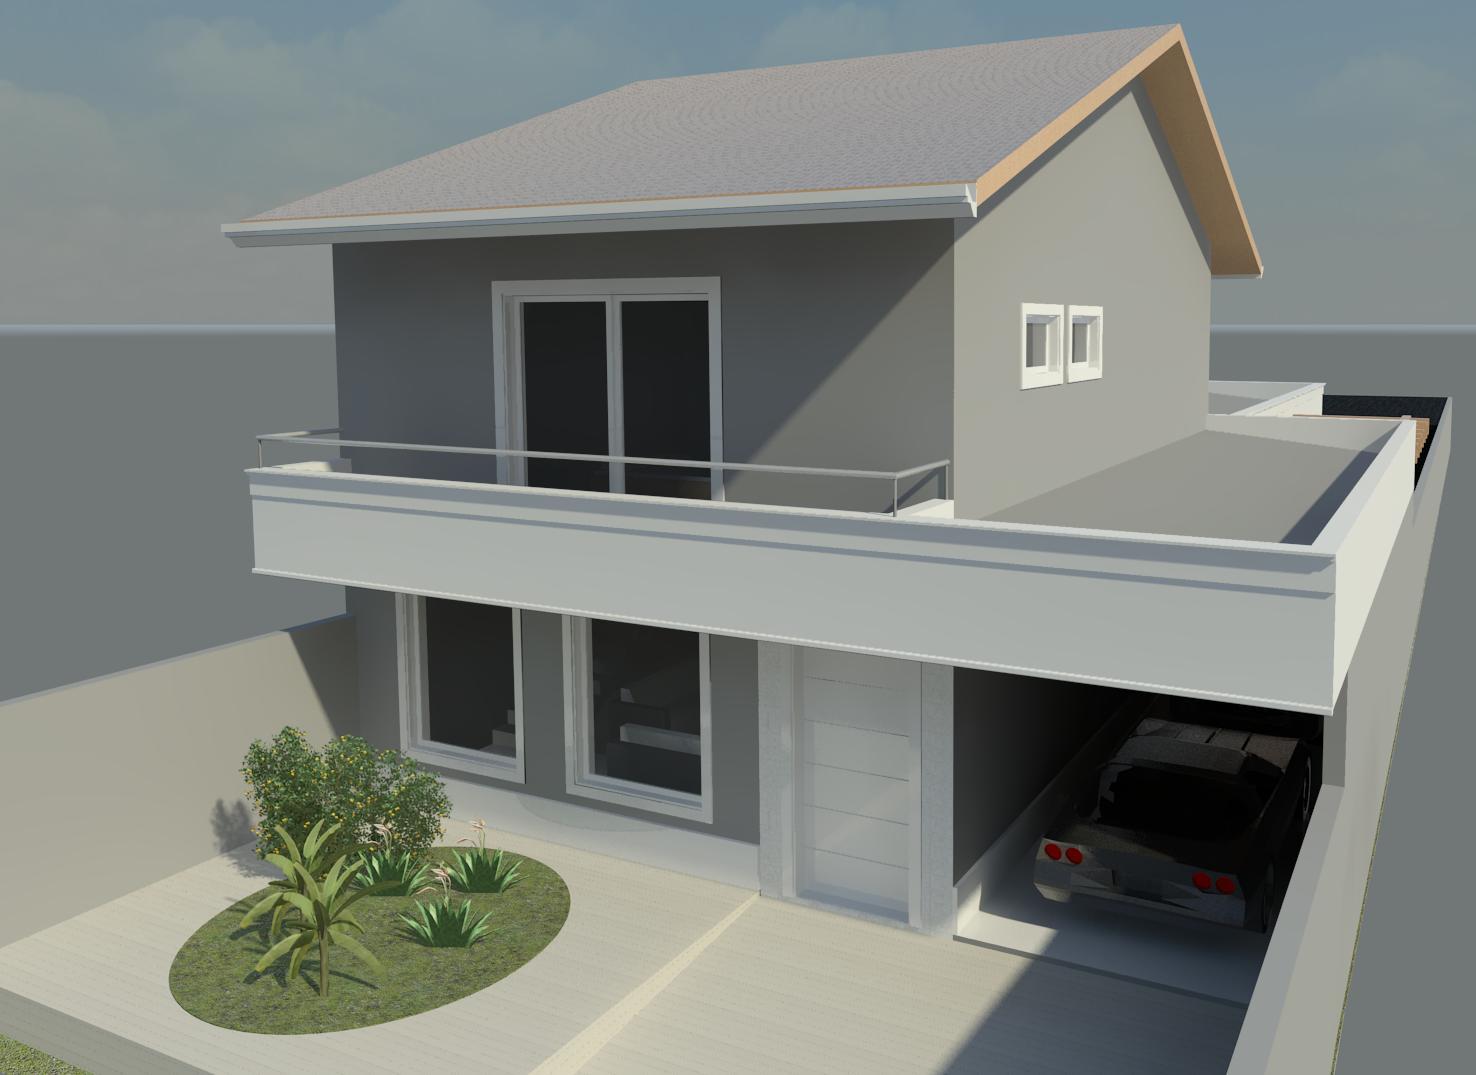 Arquitetura e decora o fernanda alves - Pinturas para fachadas exteriores fotos ...